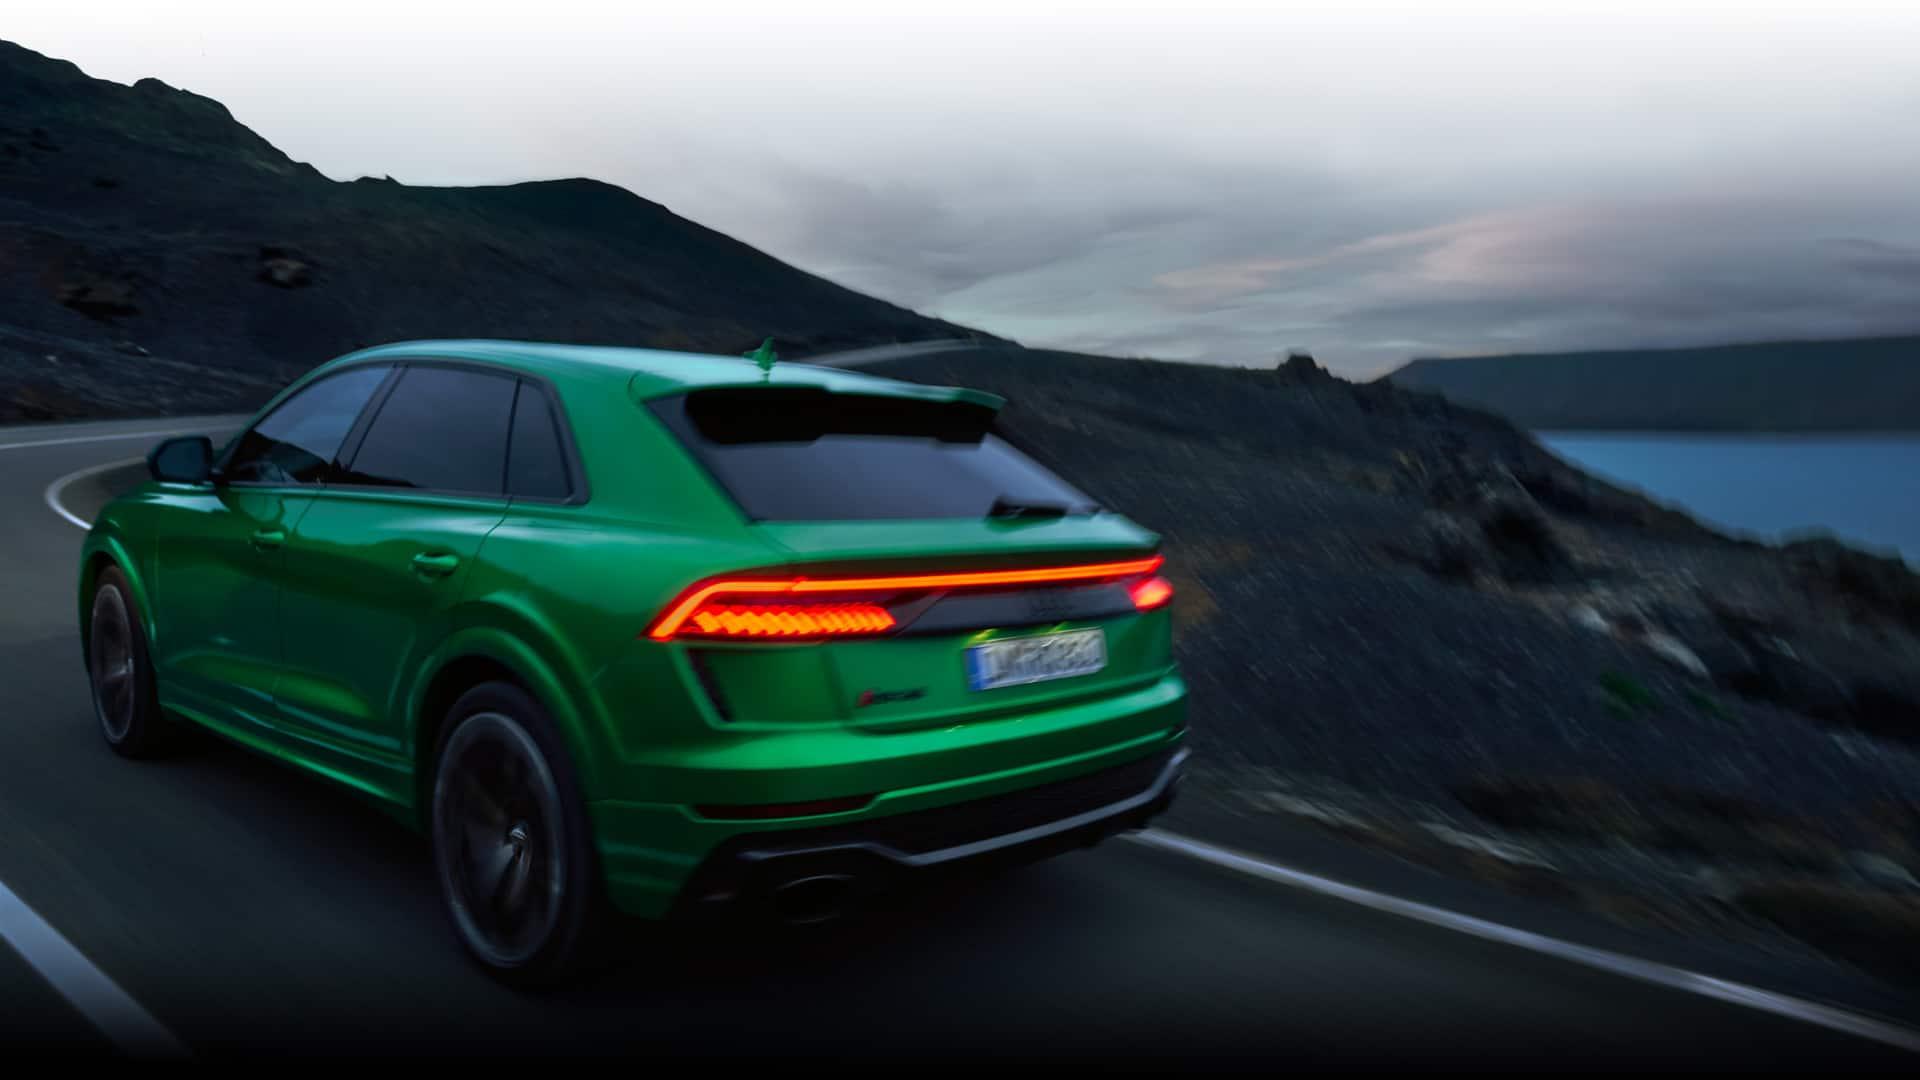 Dynamic rear view Audi RS Q8